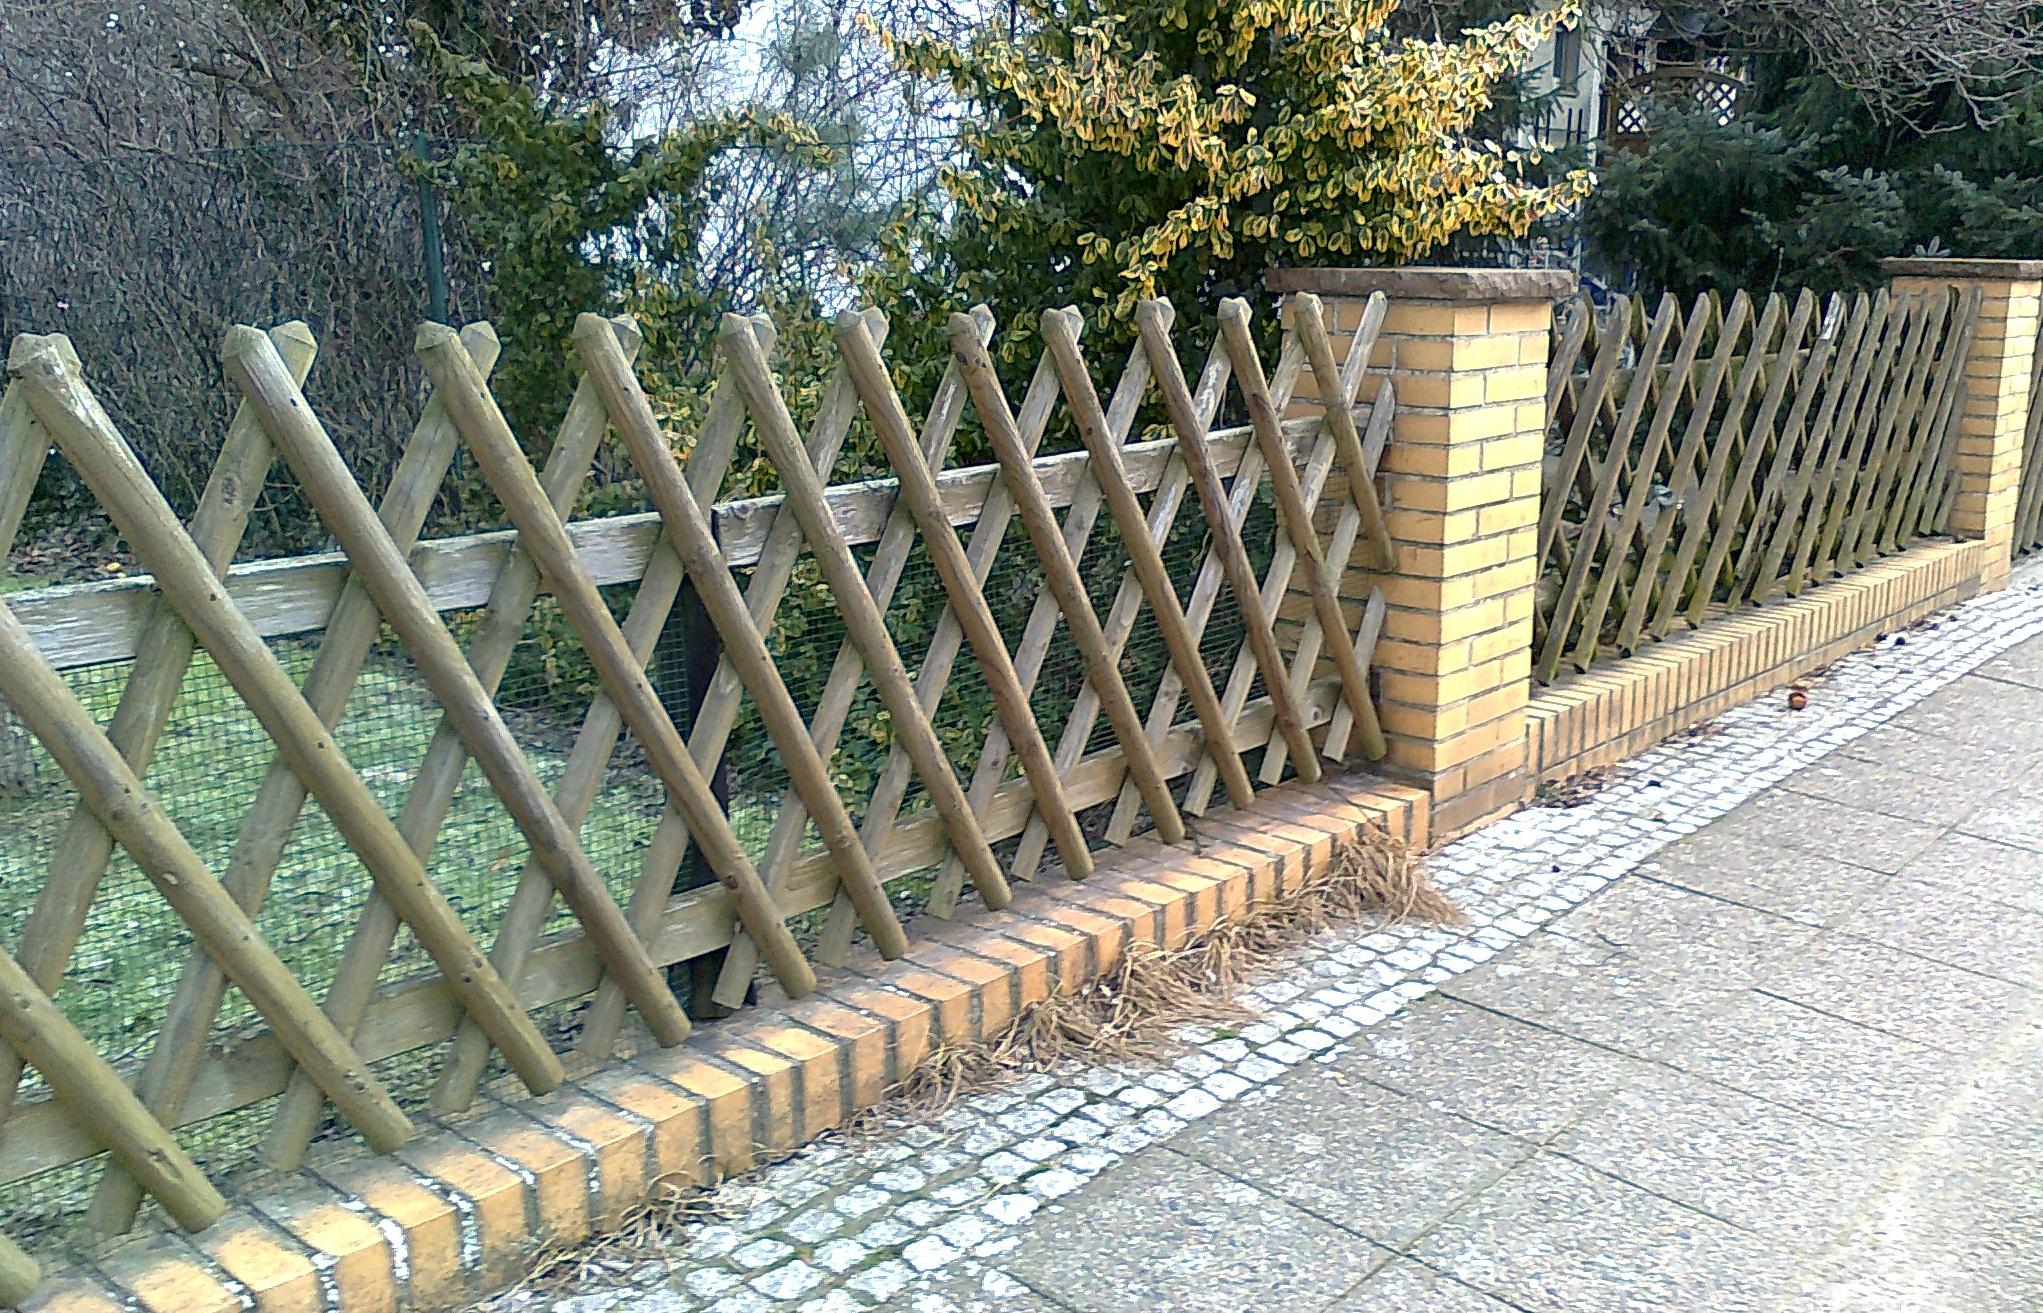 Gemeinsame Blickfang: Einen neuen Gartenzaun errichten #KH_79